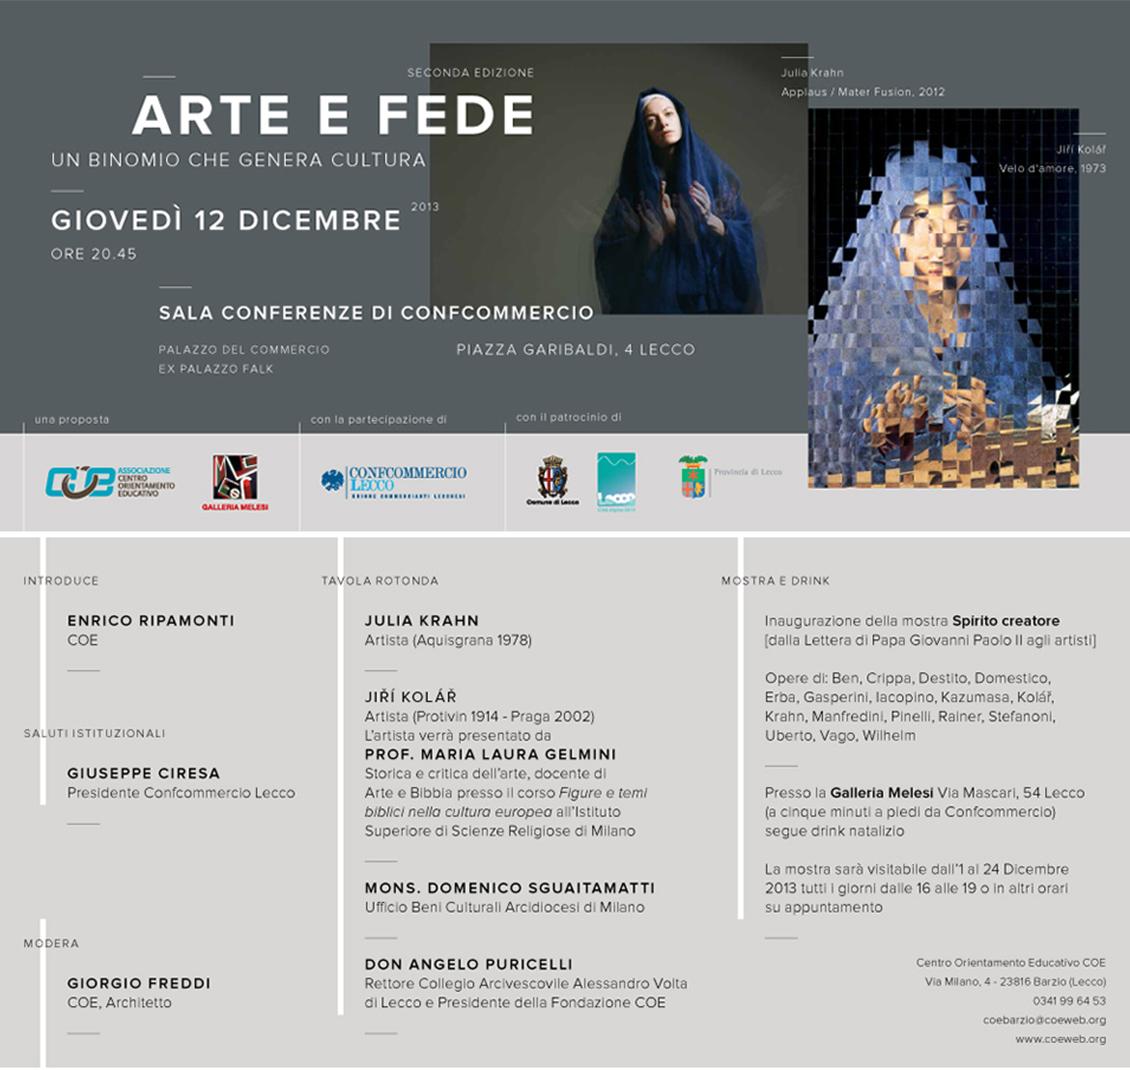 Locandina Arte e Fede 2013